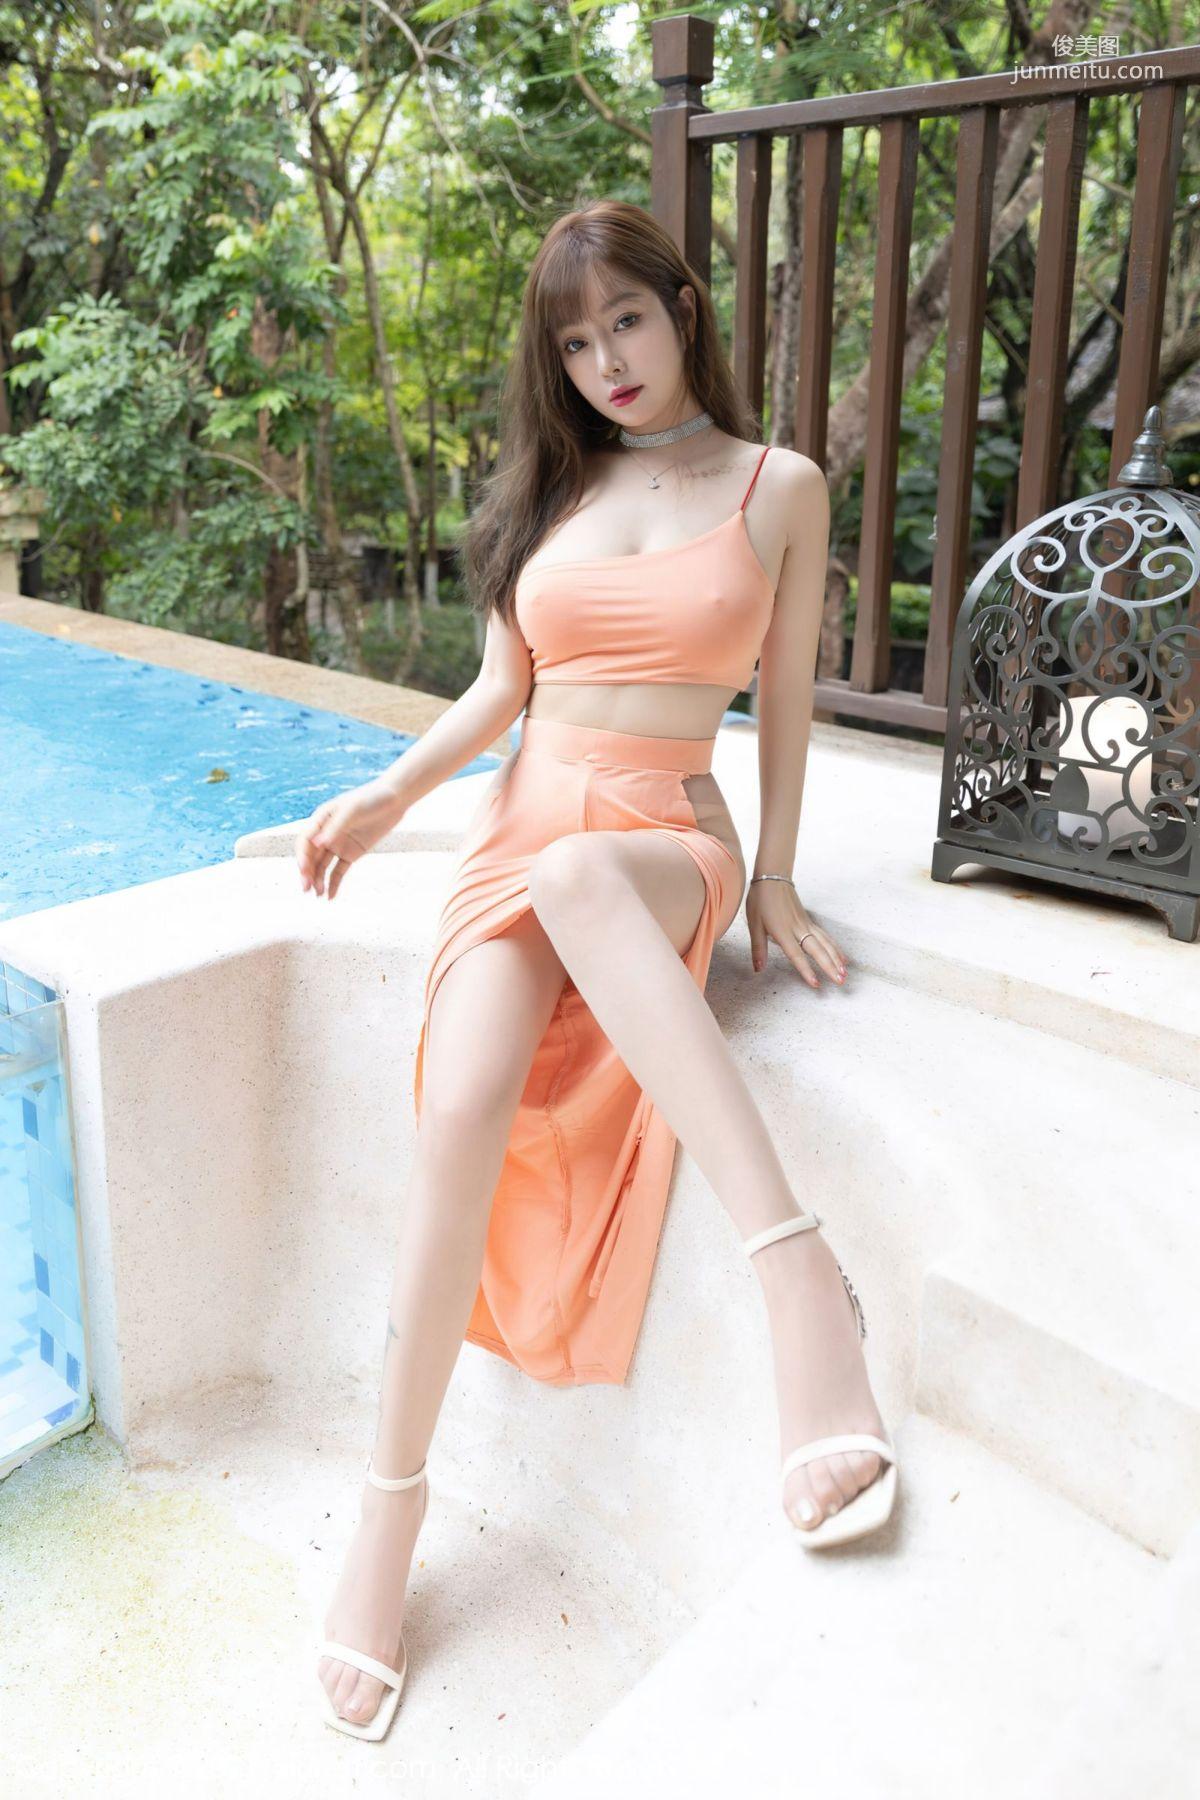 泳池女神王雨纯 一袭醒目的吊裙